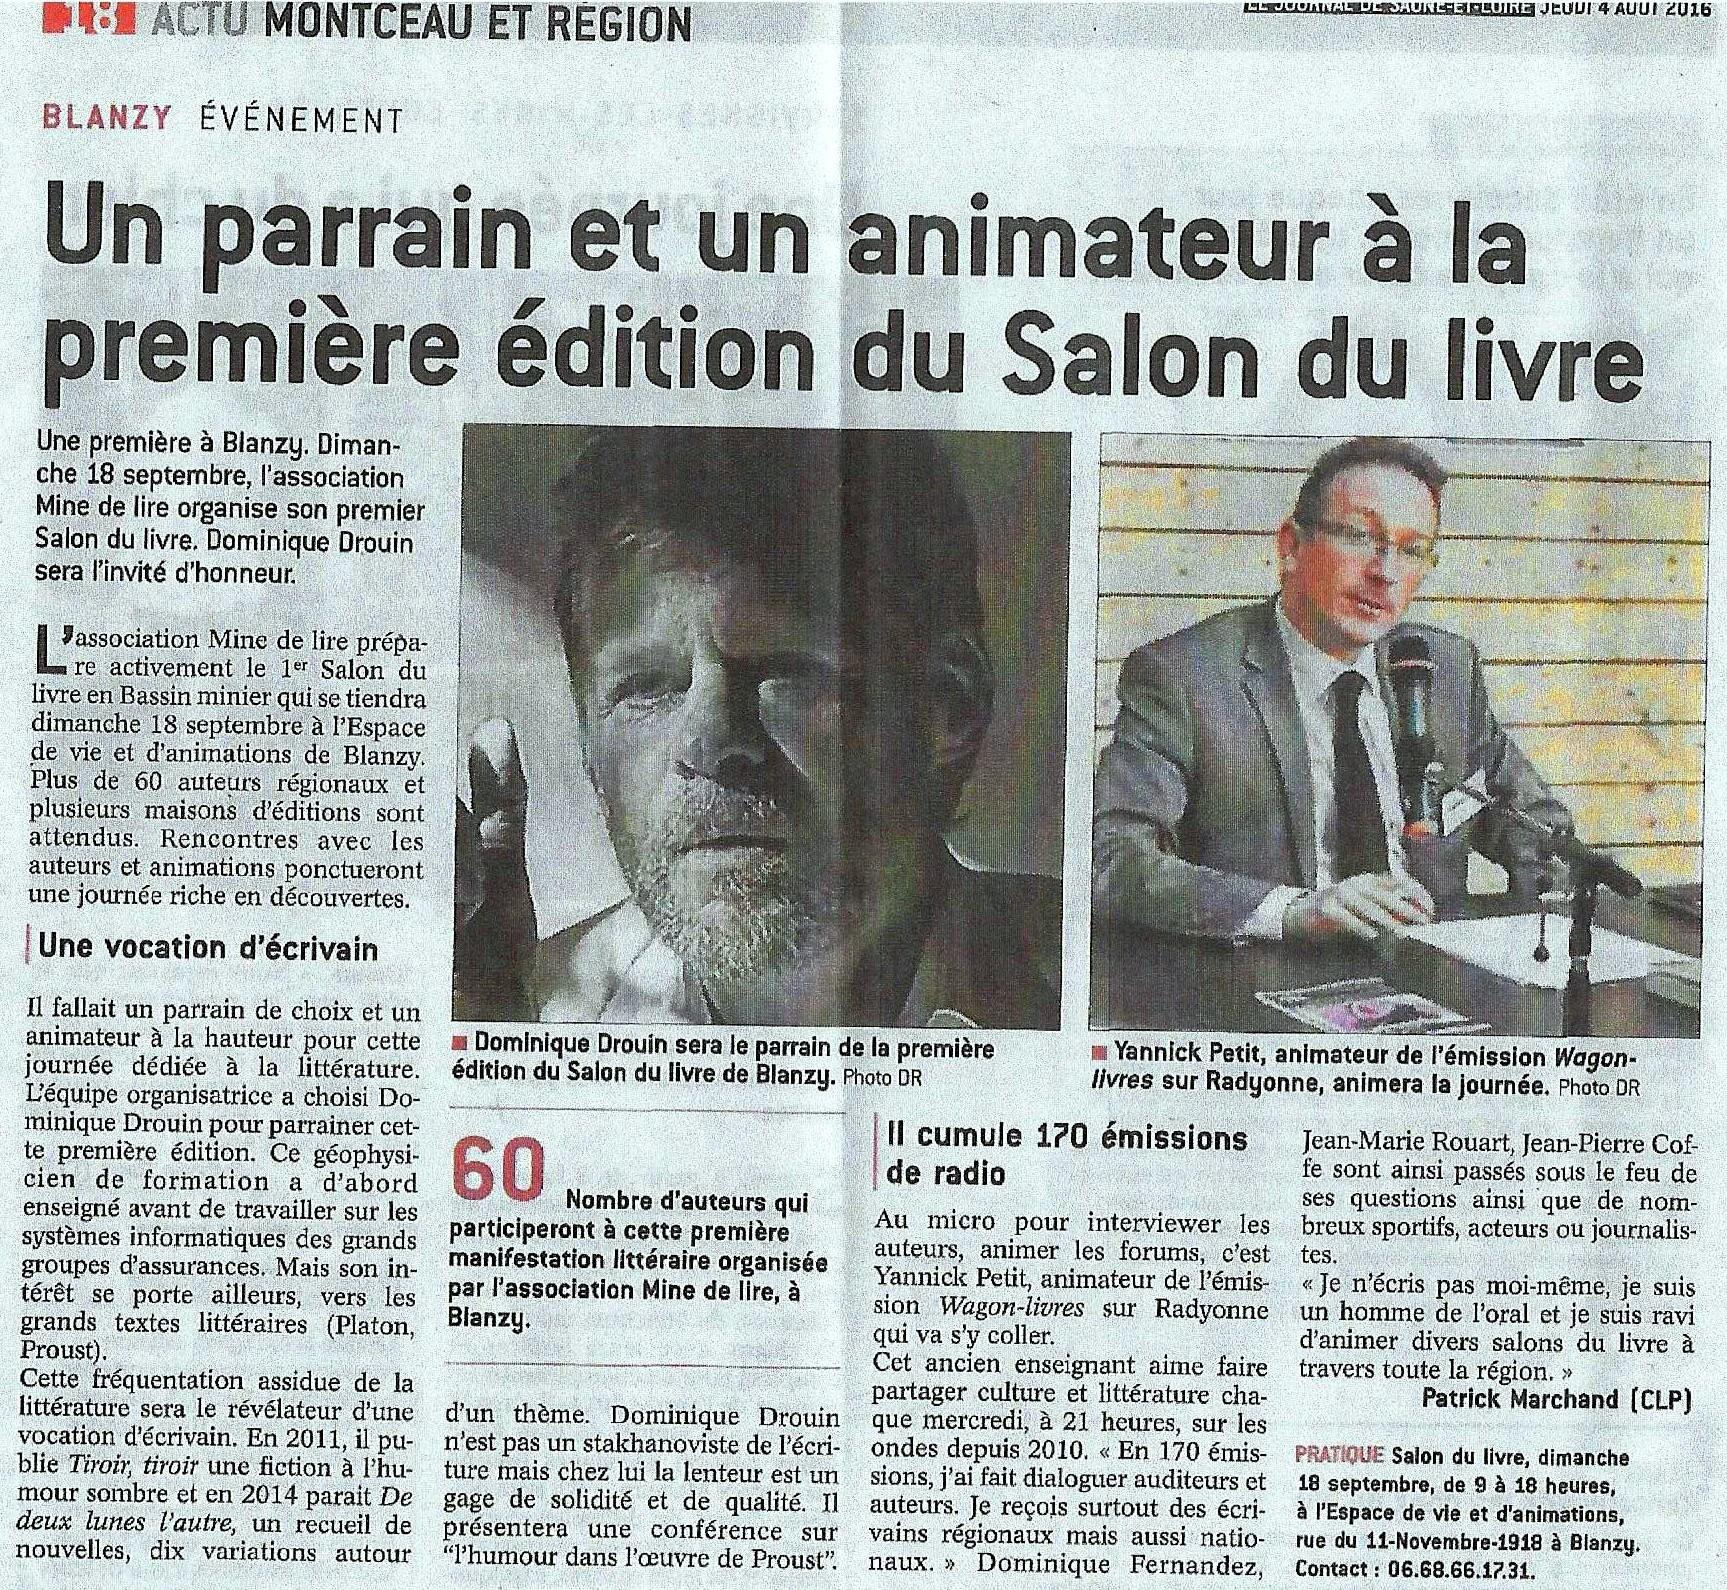 Article Journal de Saône-et-Loire 4 août 2016.